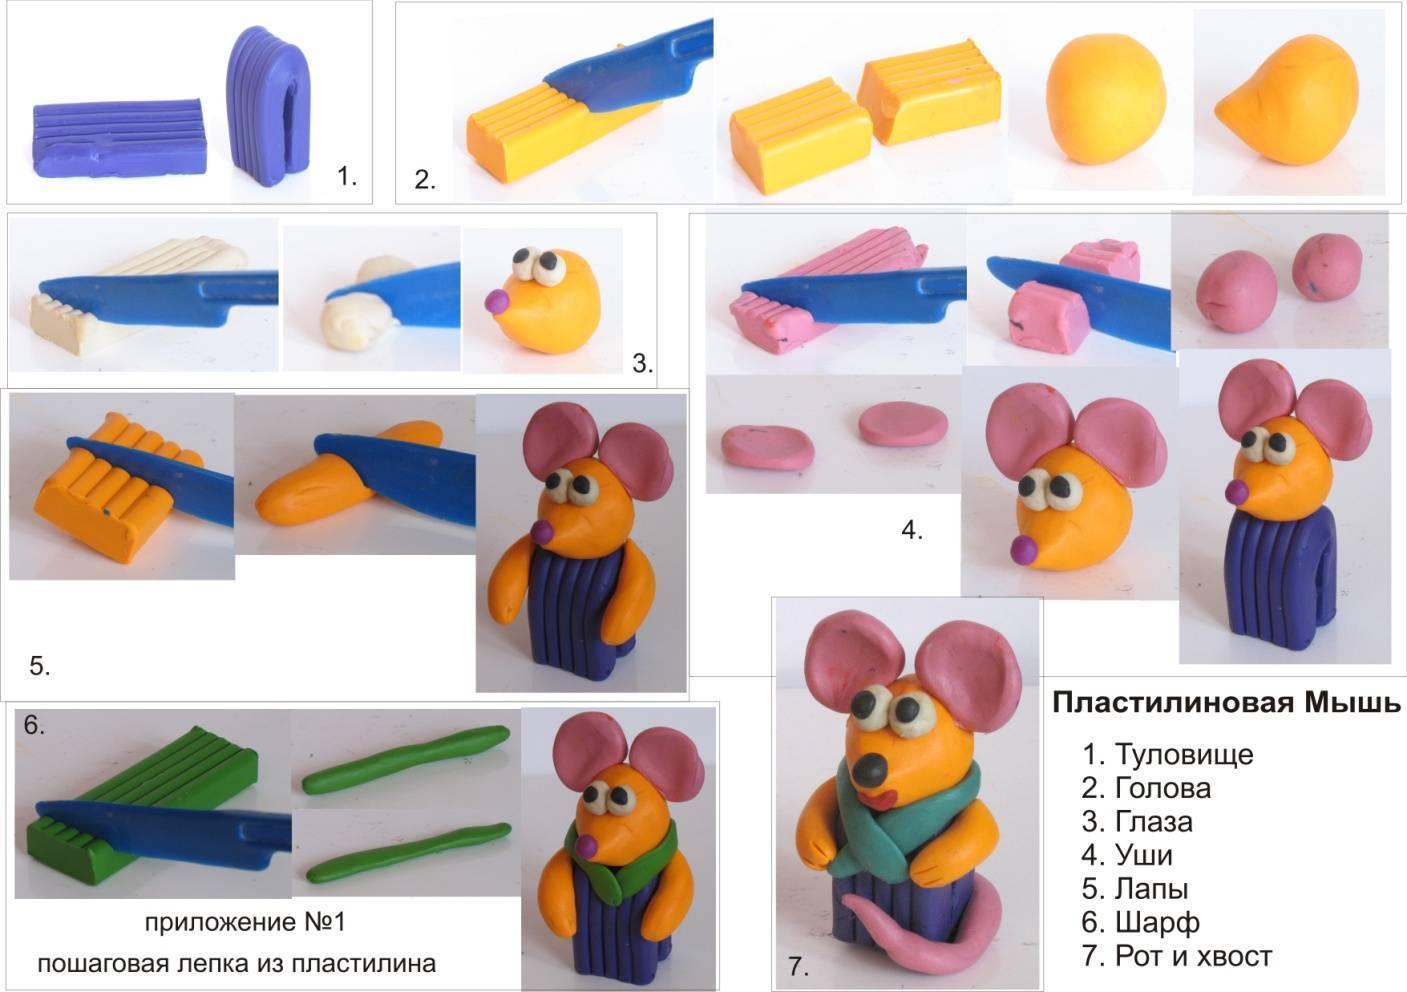 Лепка для детей 1-2 лет. самые простые поделки из пластилина (с шаблонами) – жили-были